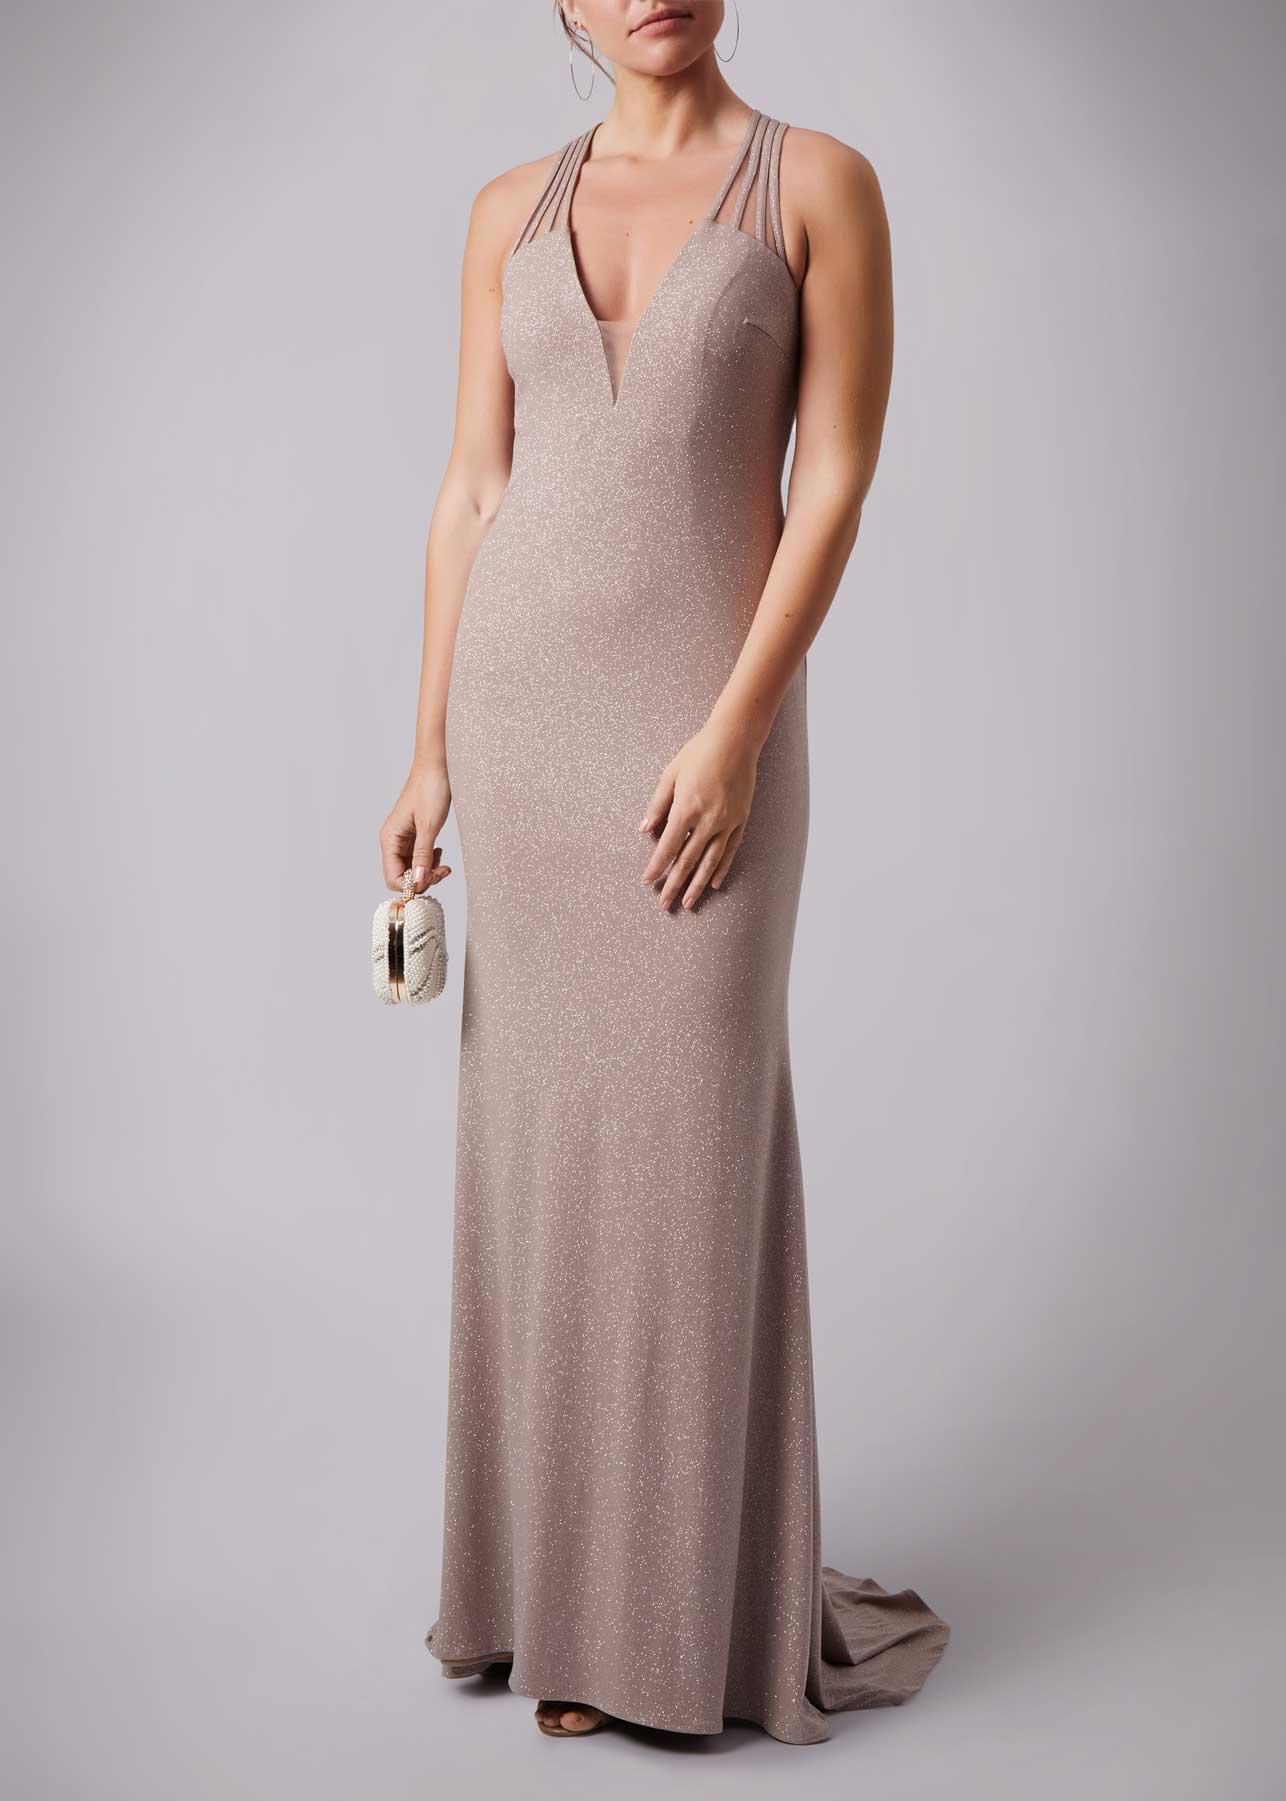 Designer Schön Abendkleid Transparent Design15 Spektakulär Abendkleid Transparent für 2019